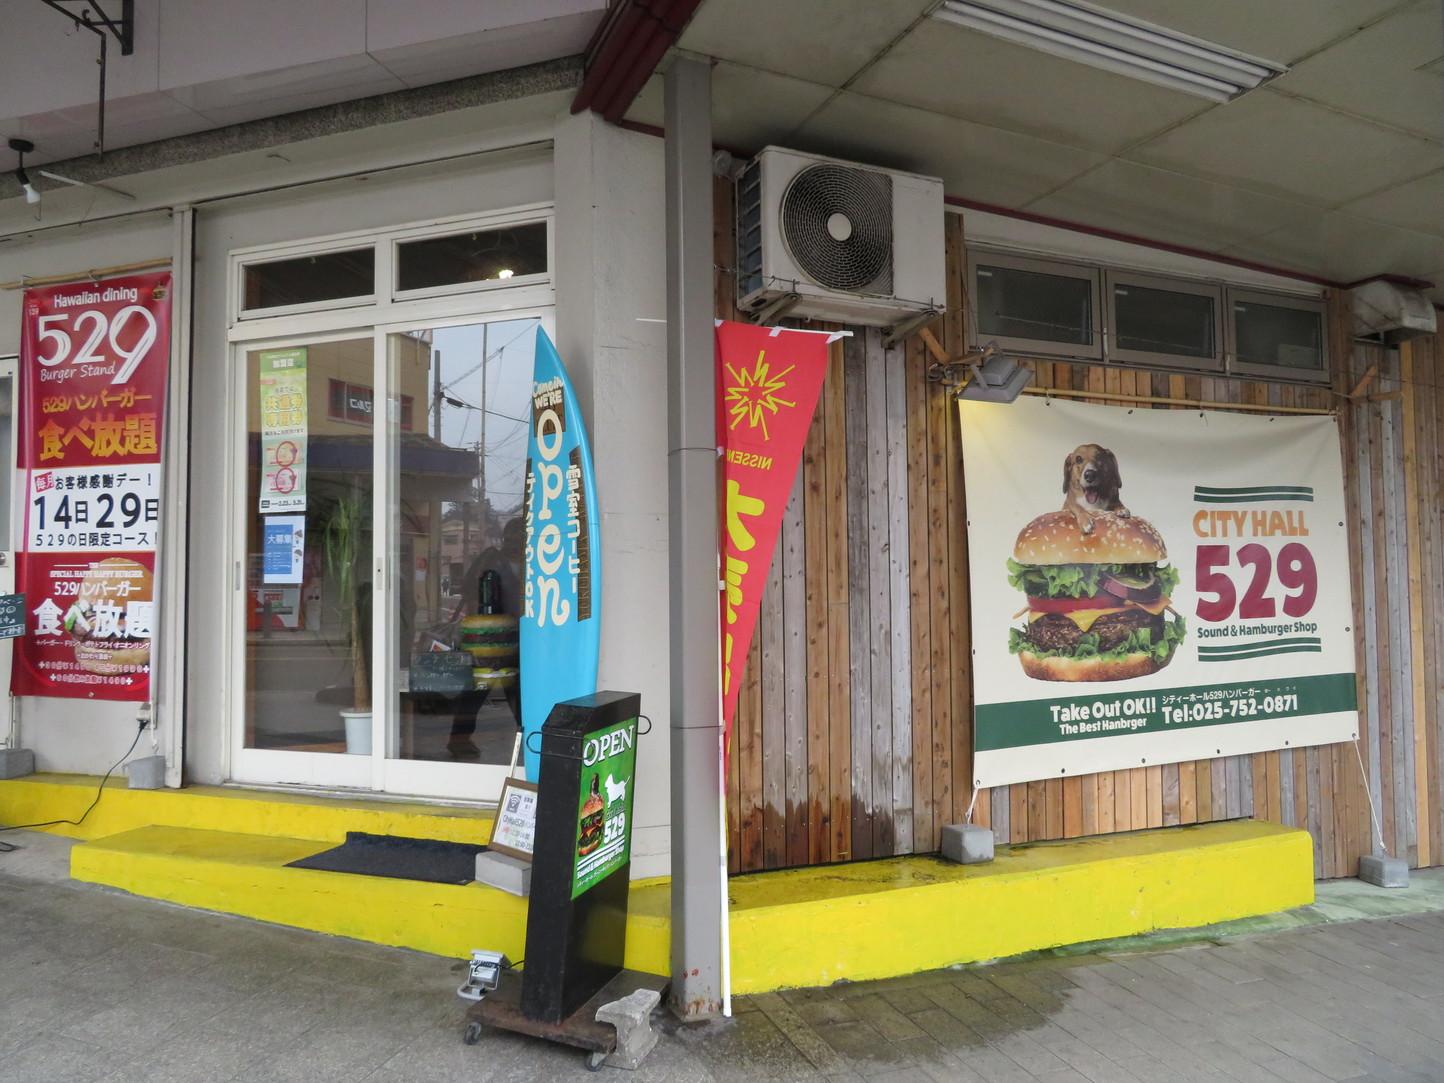 シティホール 529 ハンバーガー